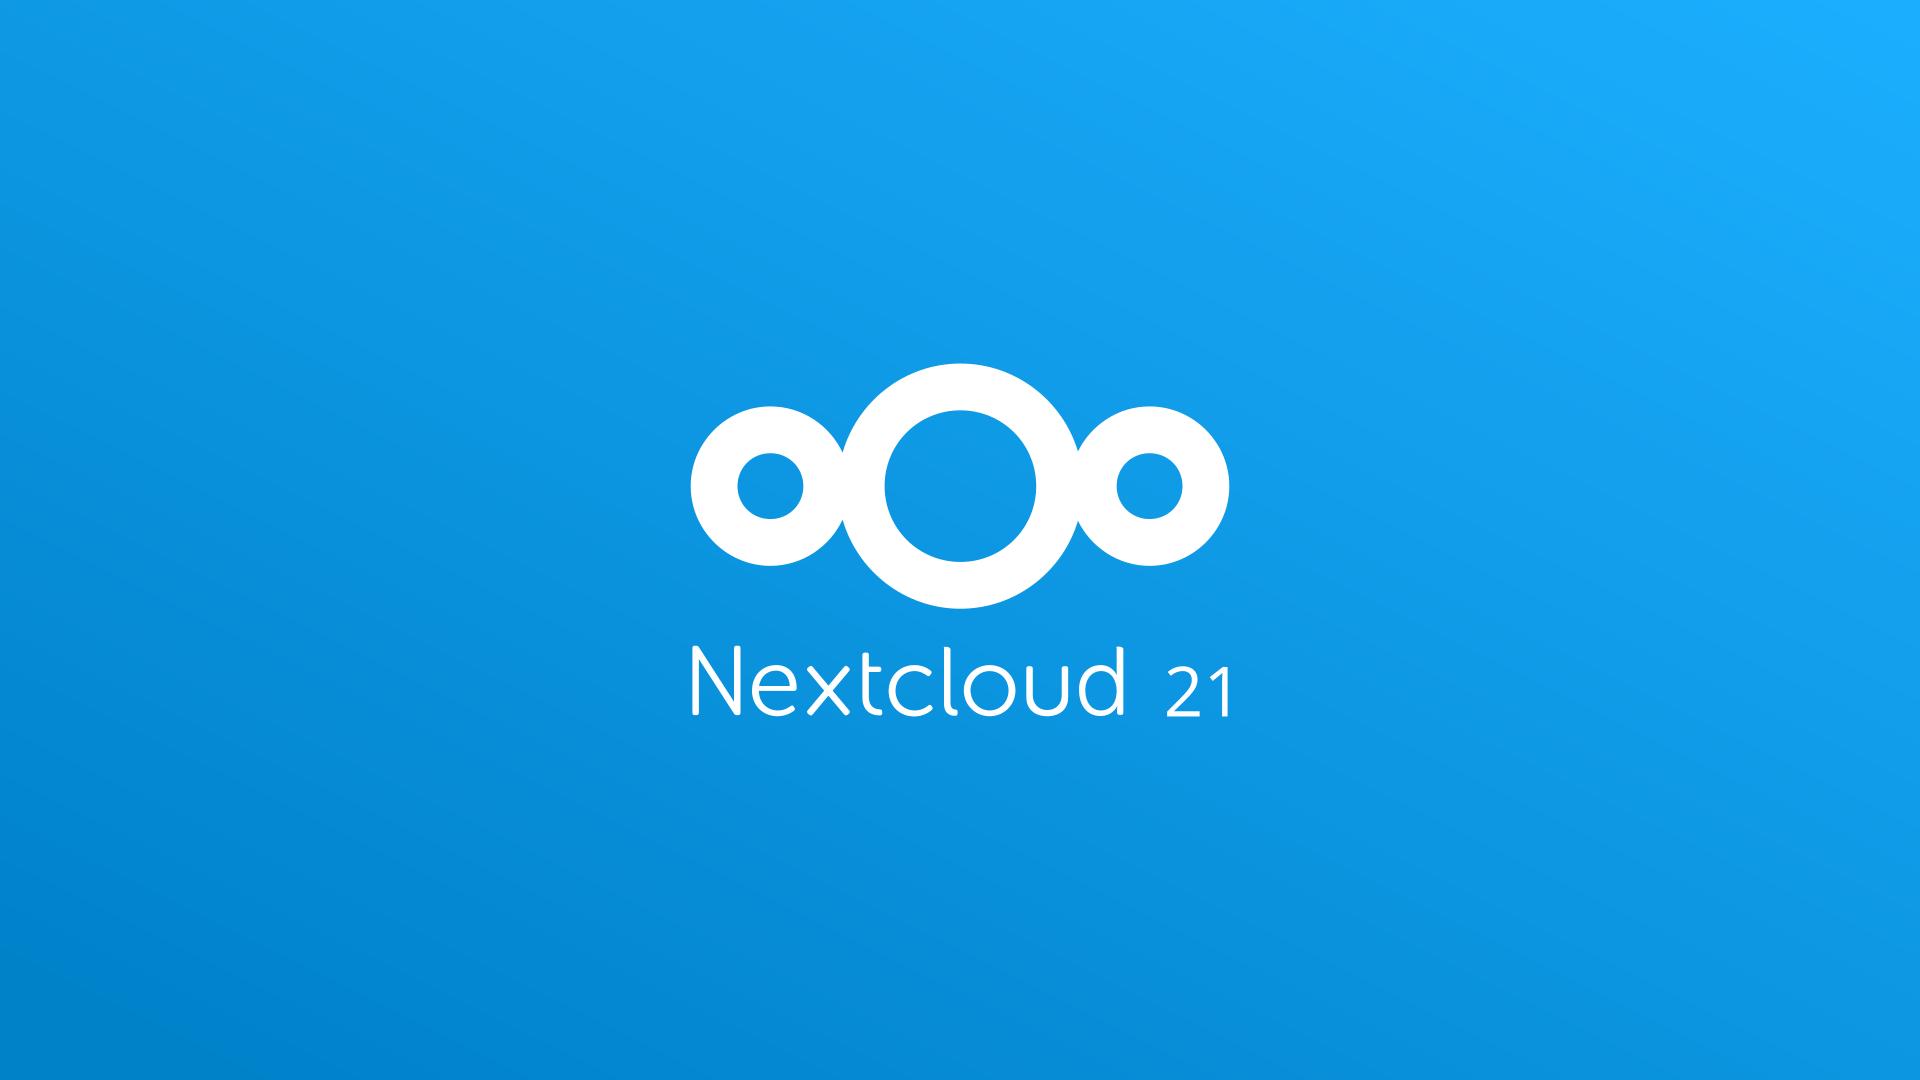 Nc 21 logo on blue background